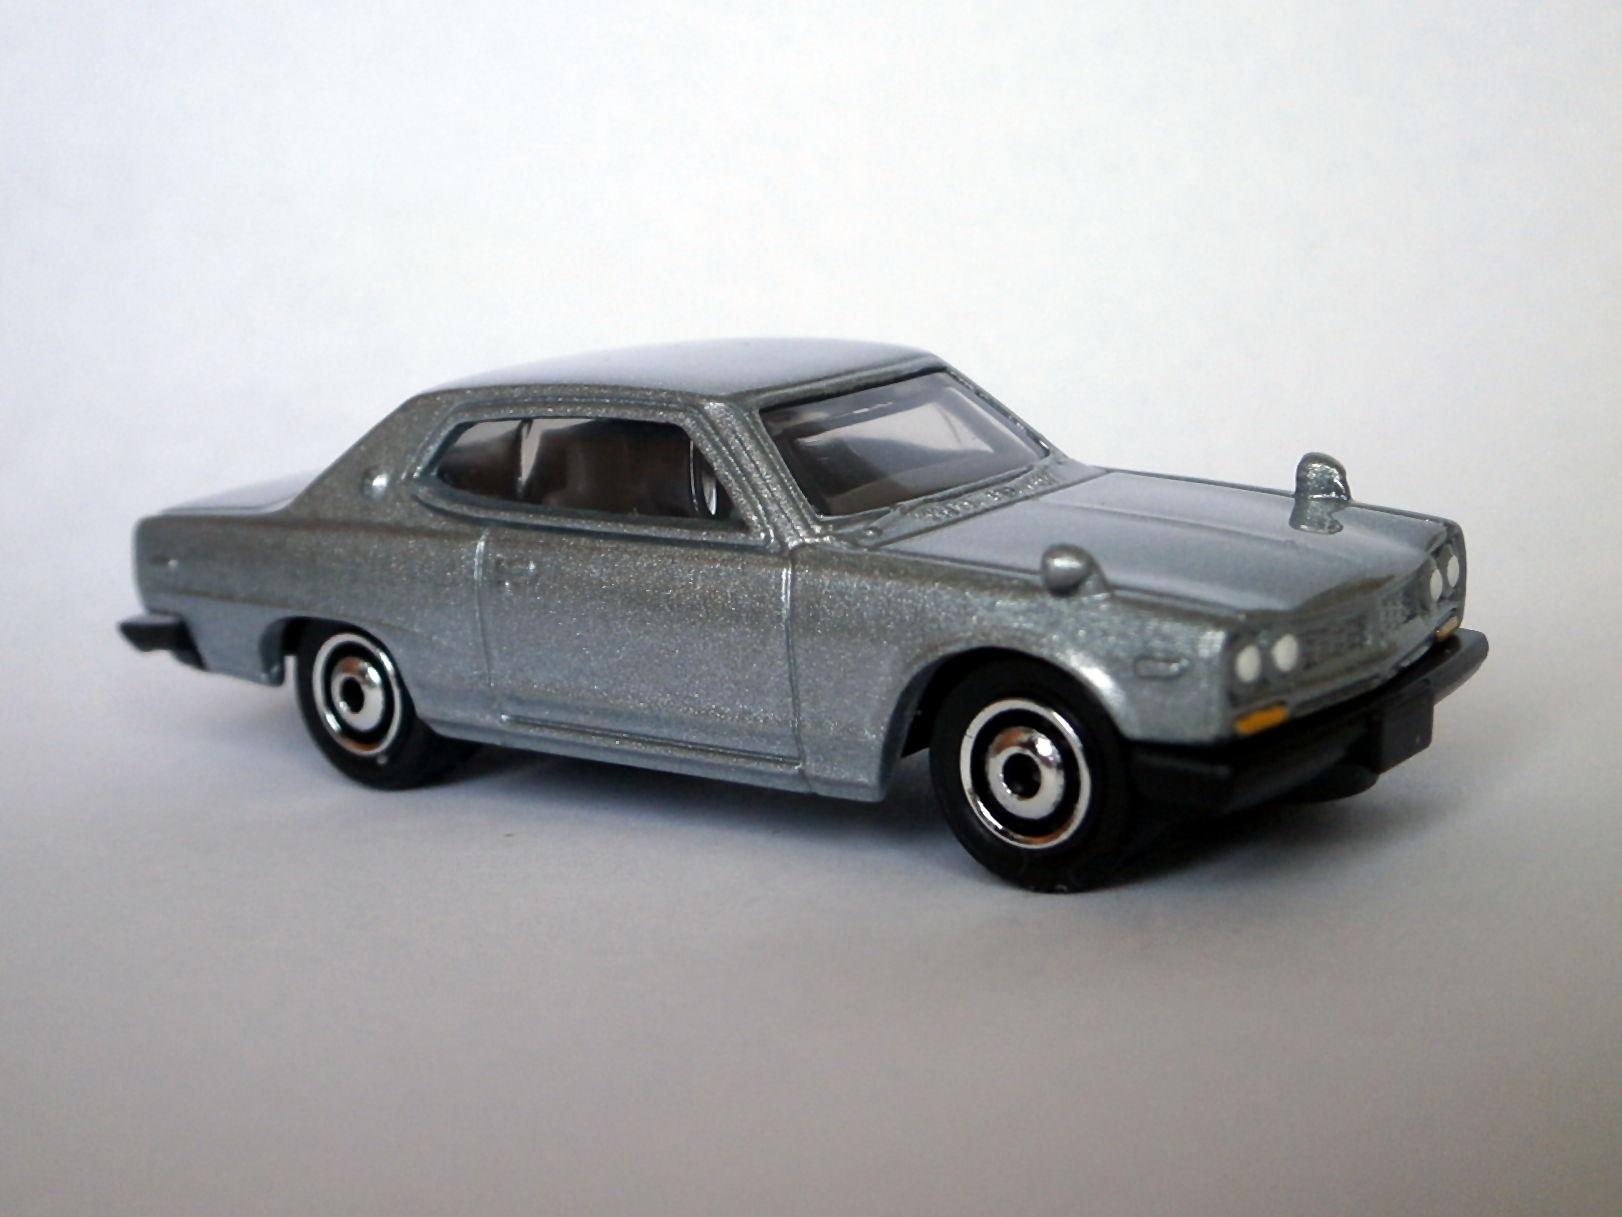 71 Nissan Skyline 2000 Gtx Matchbox Cars Wiki Fandom Powered By